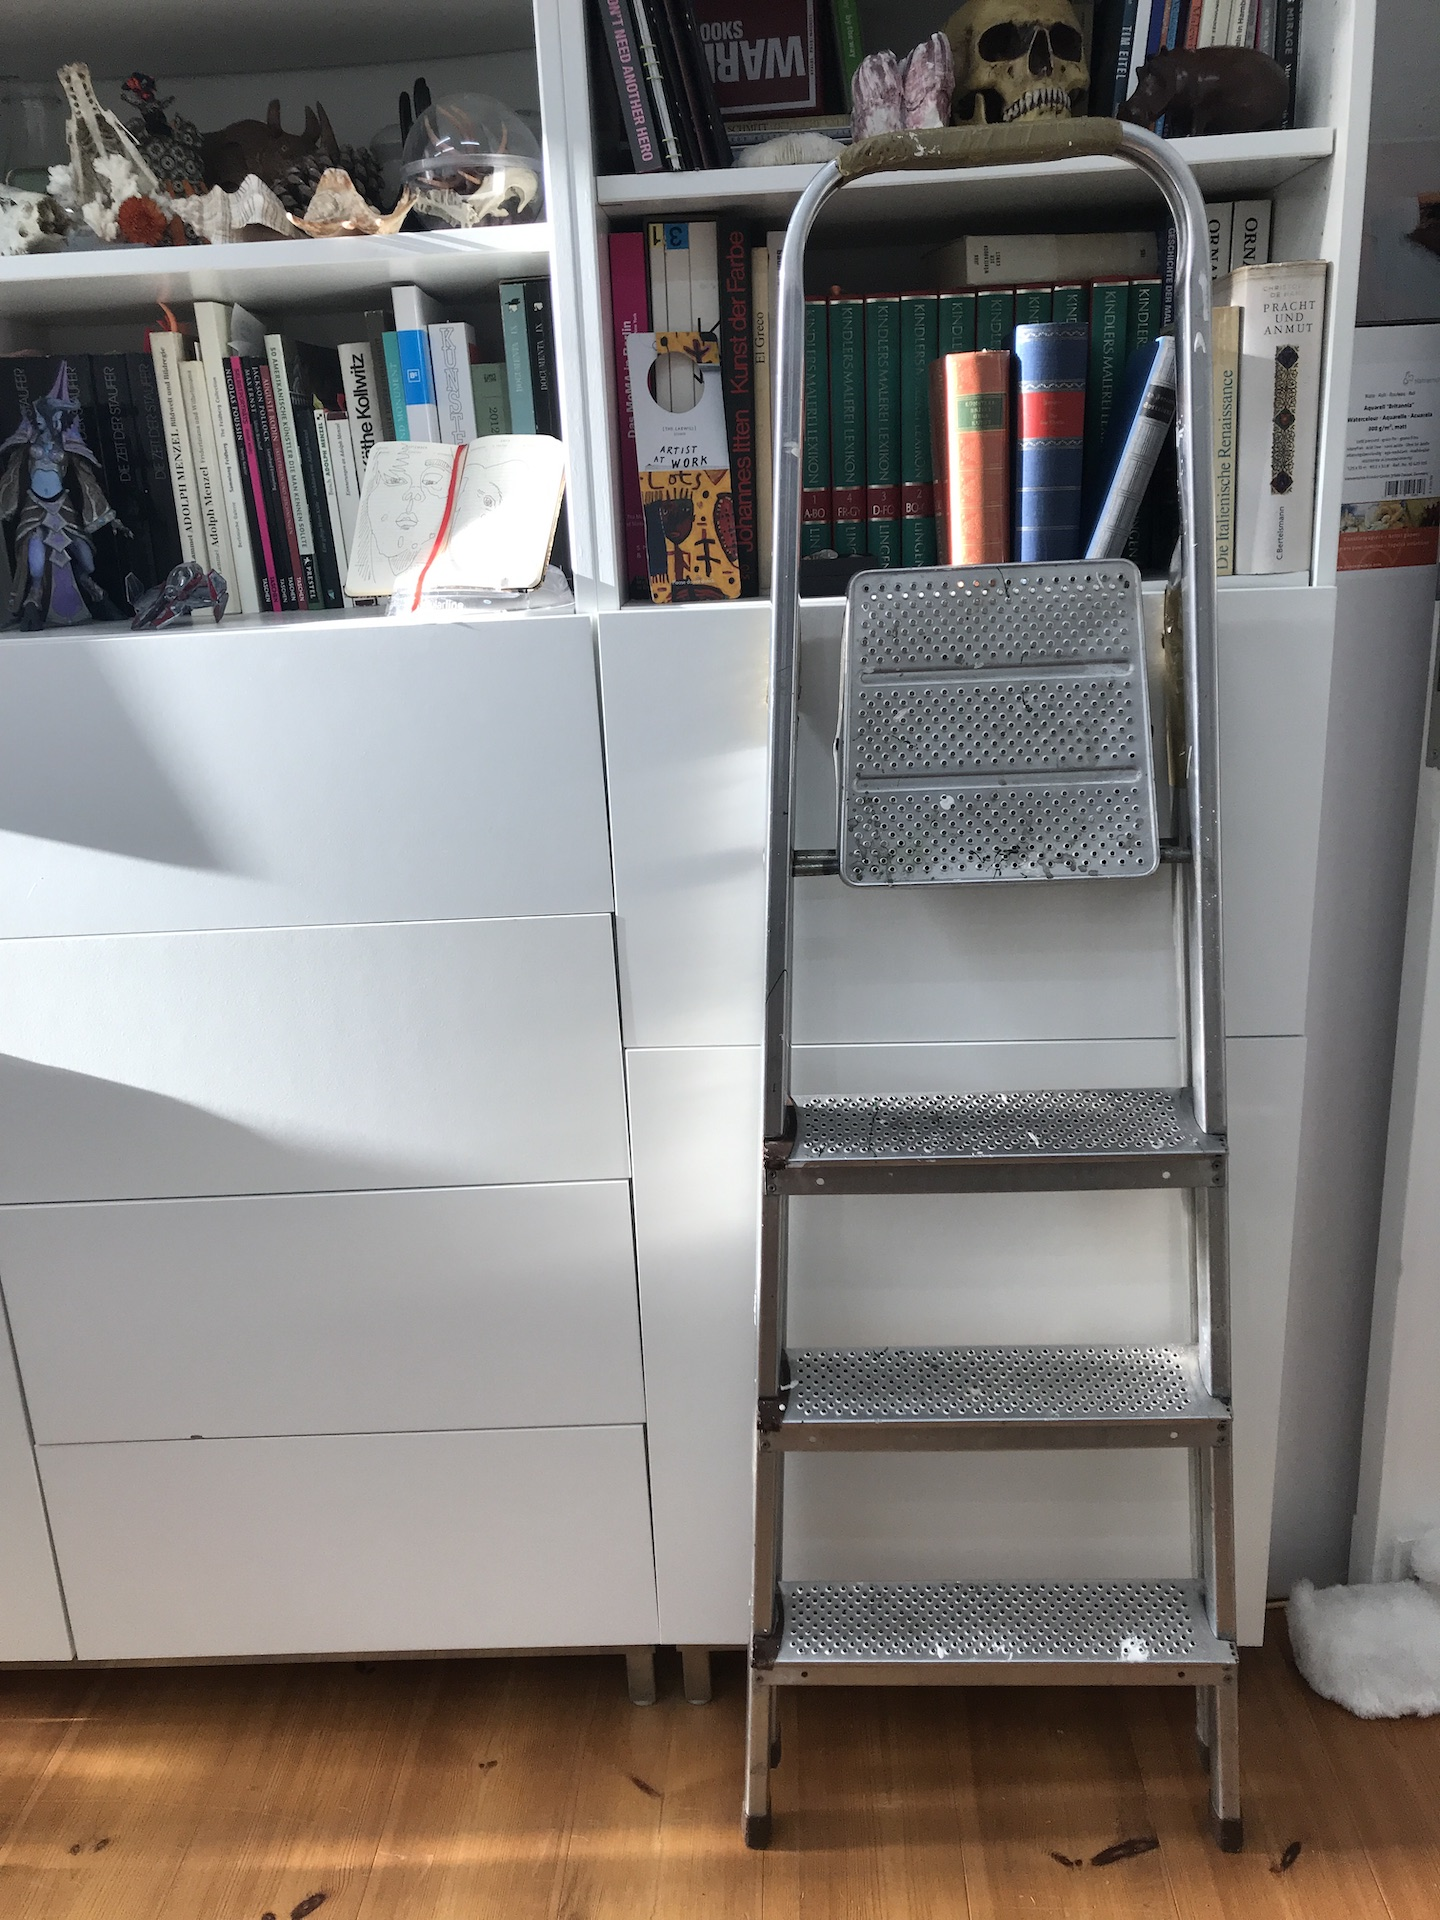 Alltag im Atelier Susanne Haun - Noch mehr Bücher sortieren (c) VG Bild-Kunst, Bonn 2019